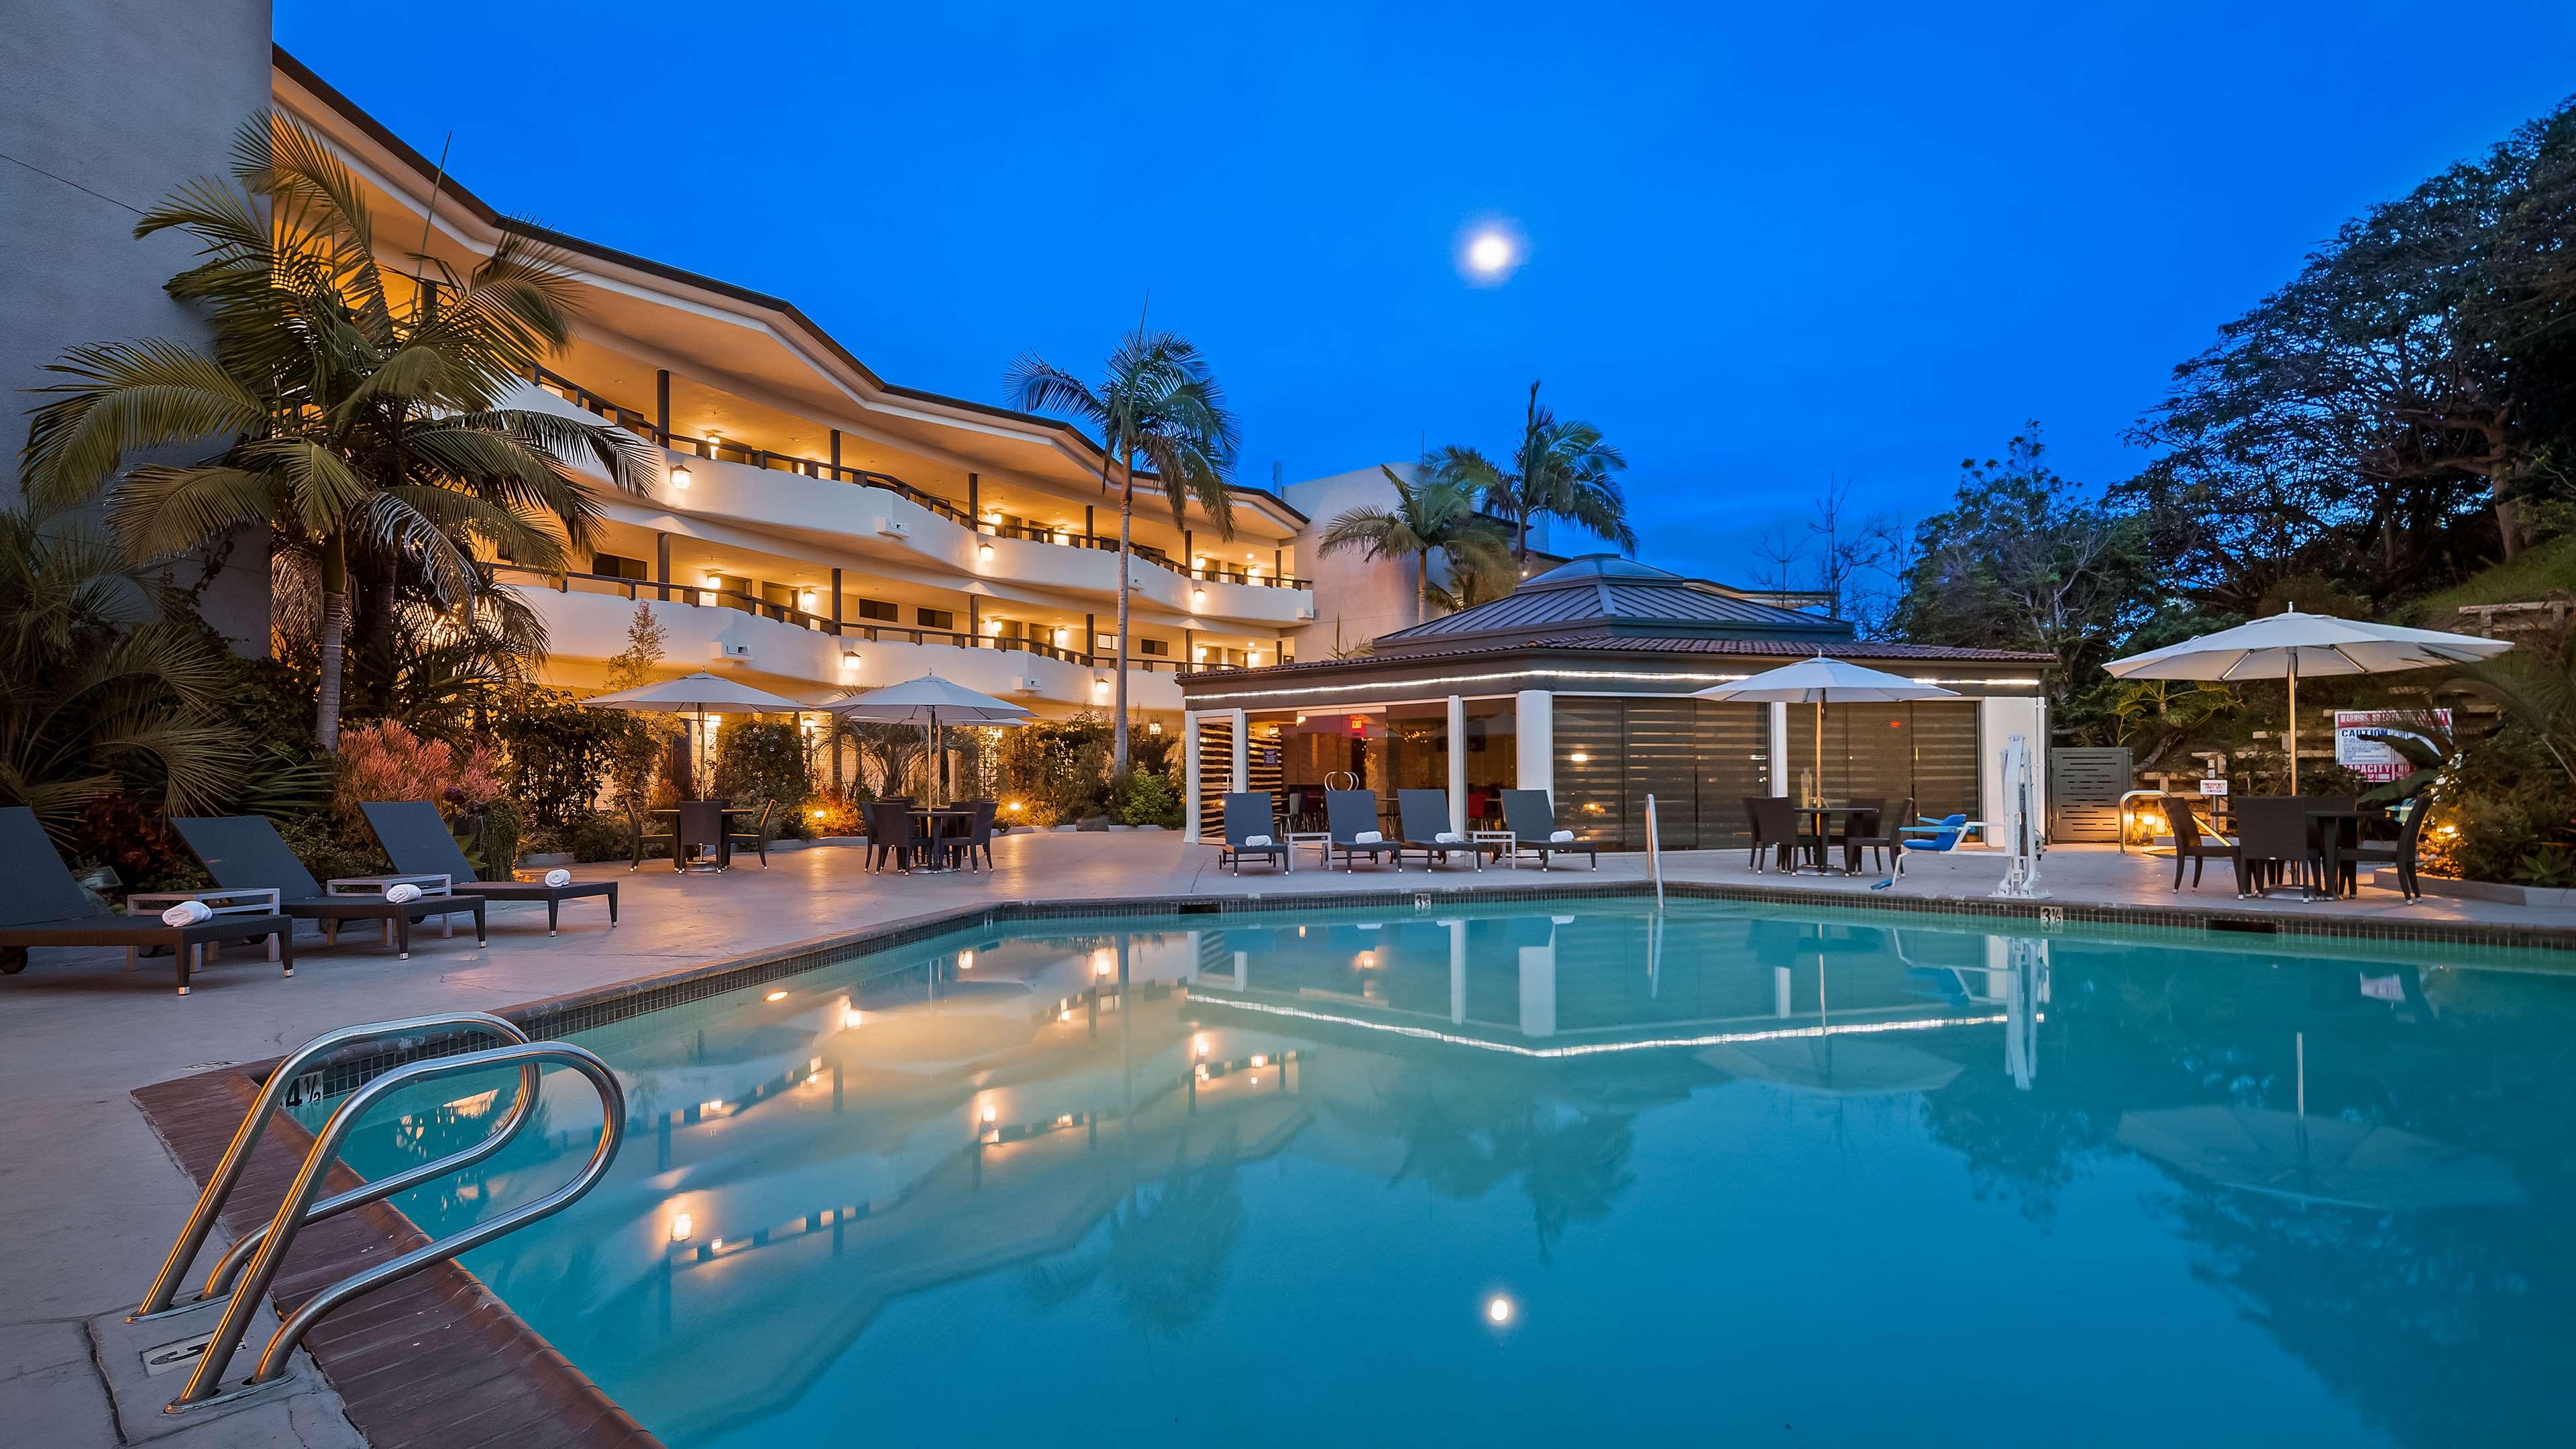 Best Western Encinitas Inn & Suites at Moonlight Beach image 24